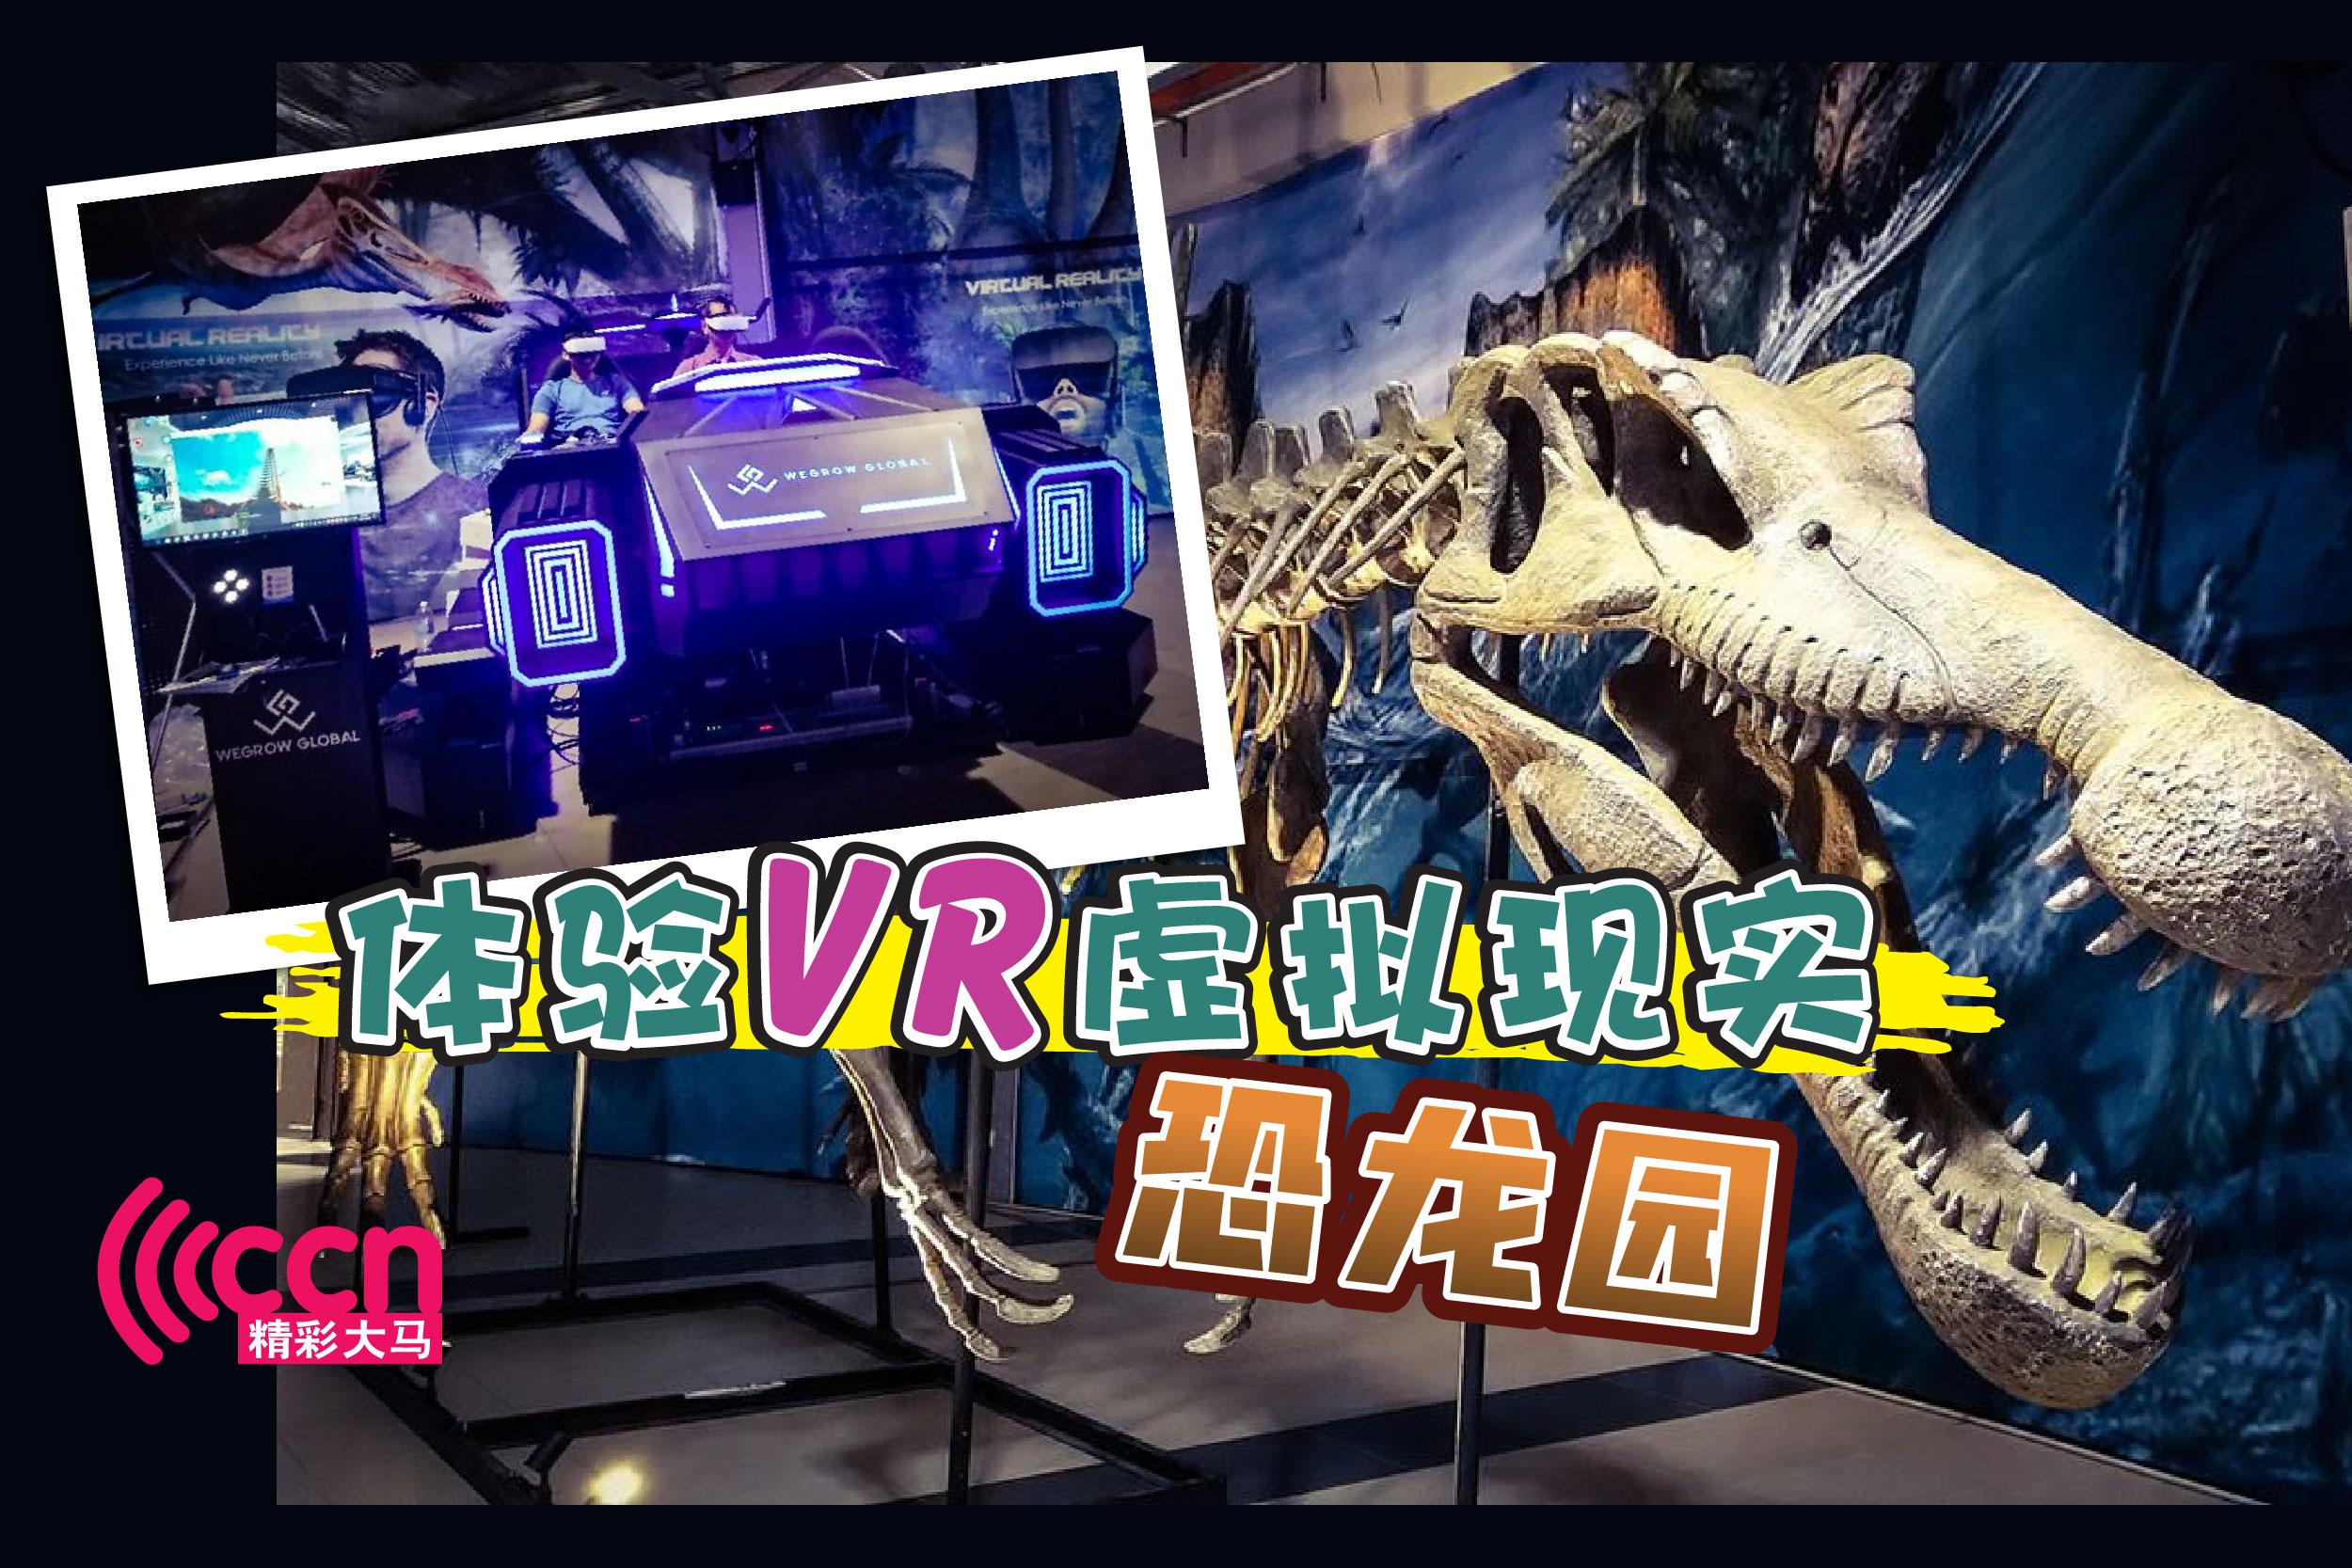 恐龙园所设有的VR虚拟实境技术,能让访客戴上3D眼镜,体验恐龙园VR虚拟实境。-精彩大马制图-